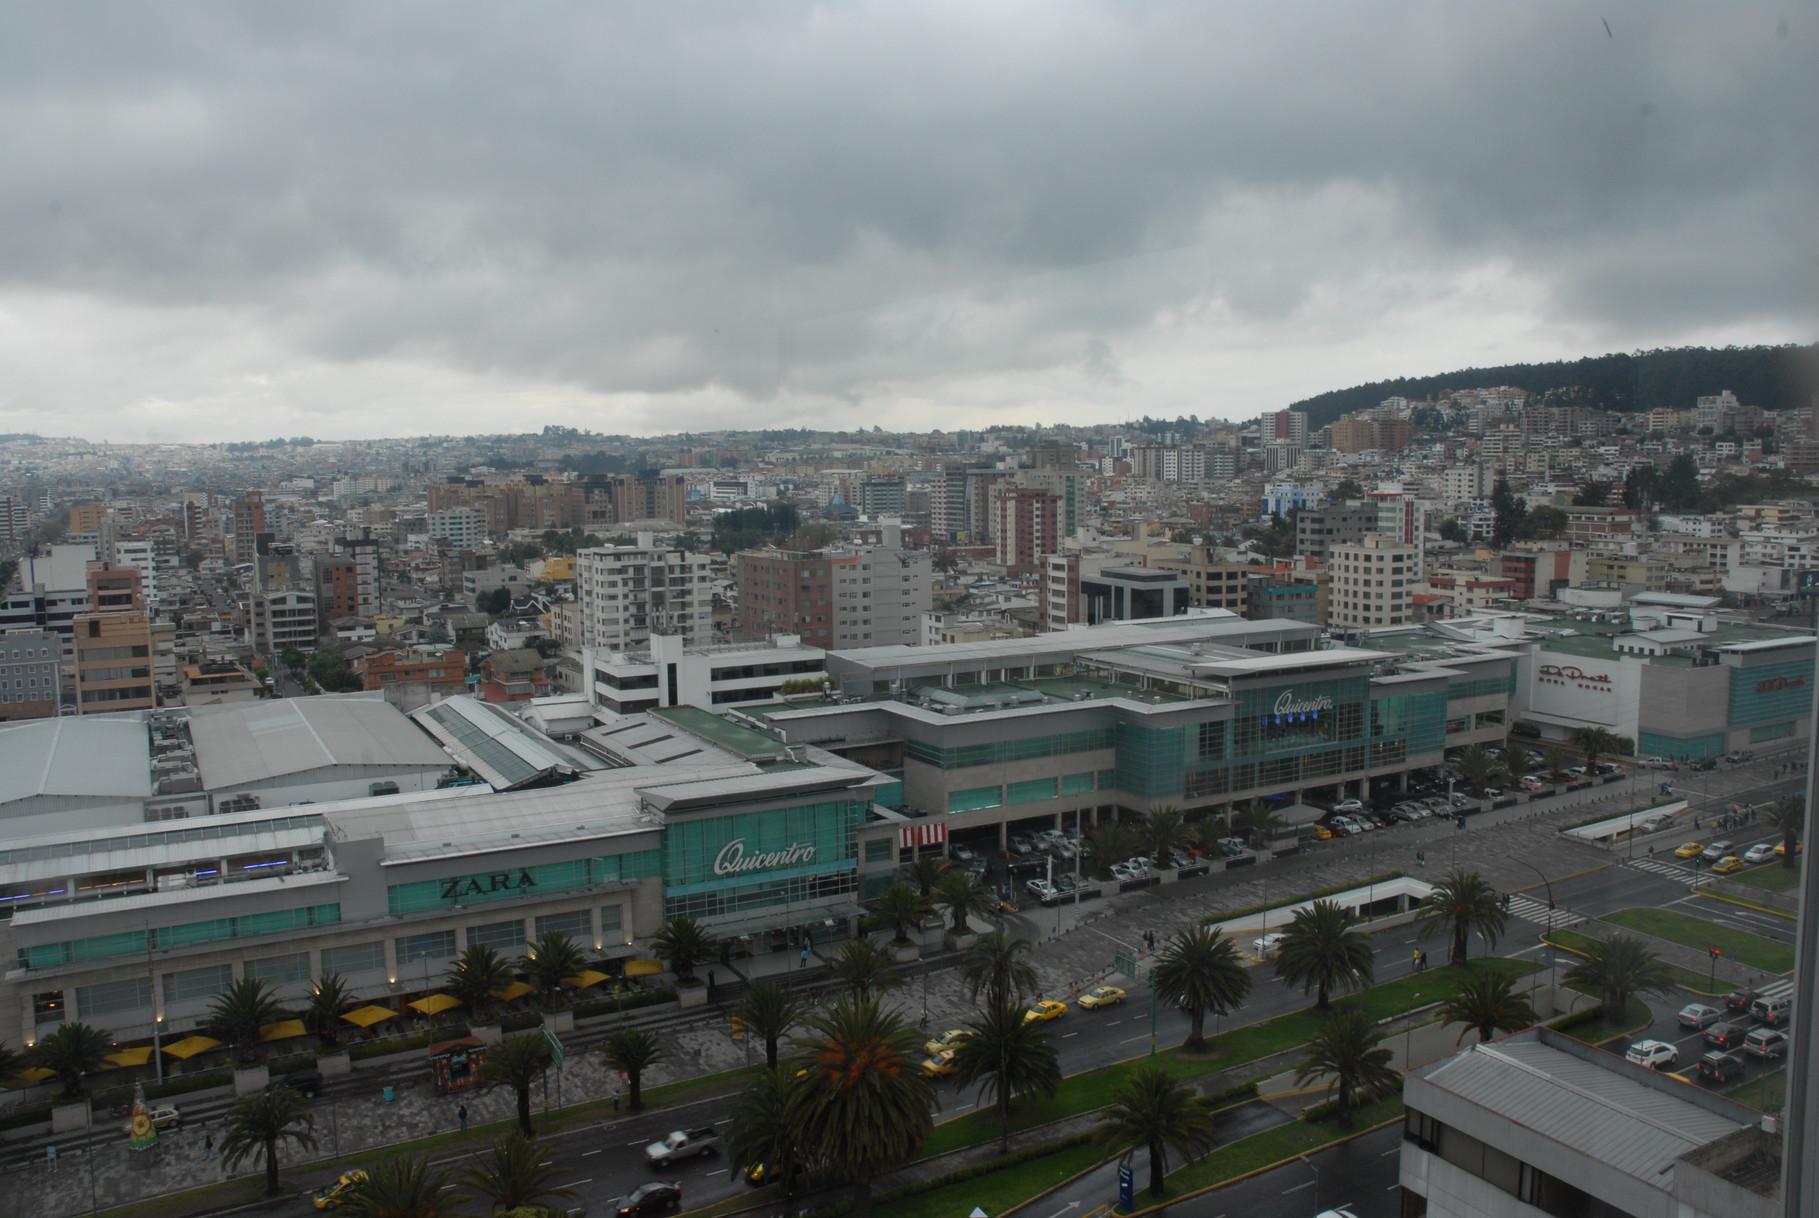 Blick aus unserer vorübergehenden Heimat in den Norden von Quito